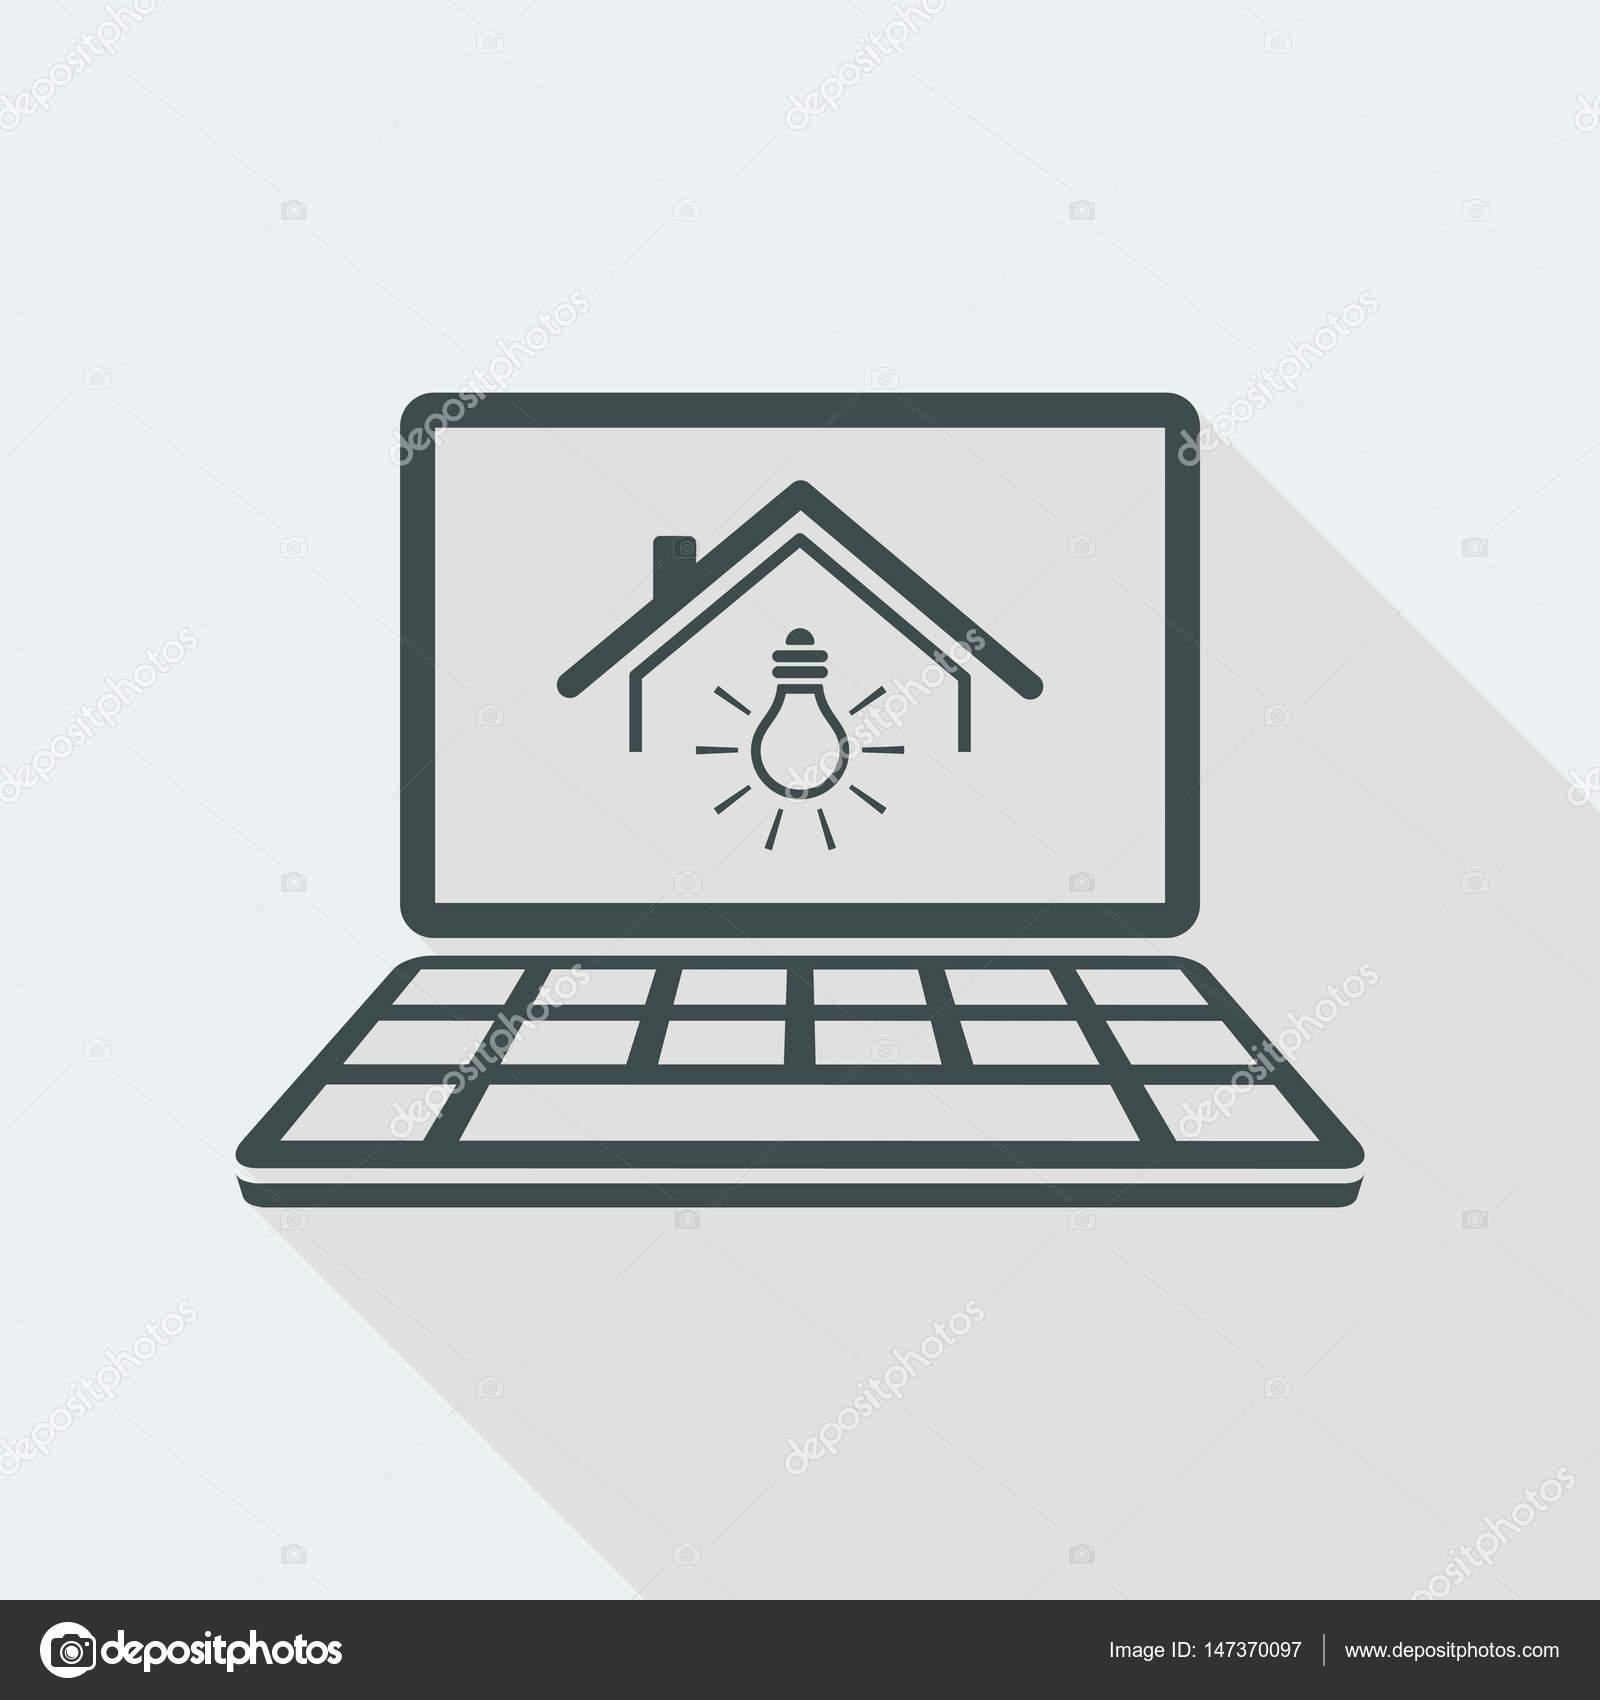 Stromversorgung - Vektor Icon für Computer Website oder Anwendung ...